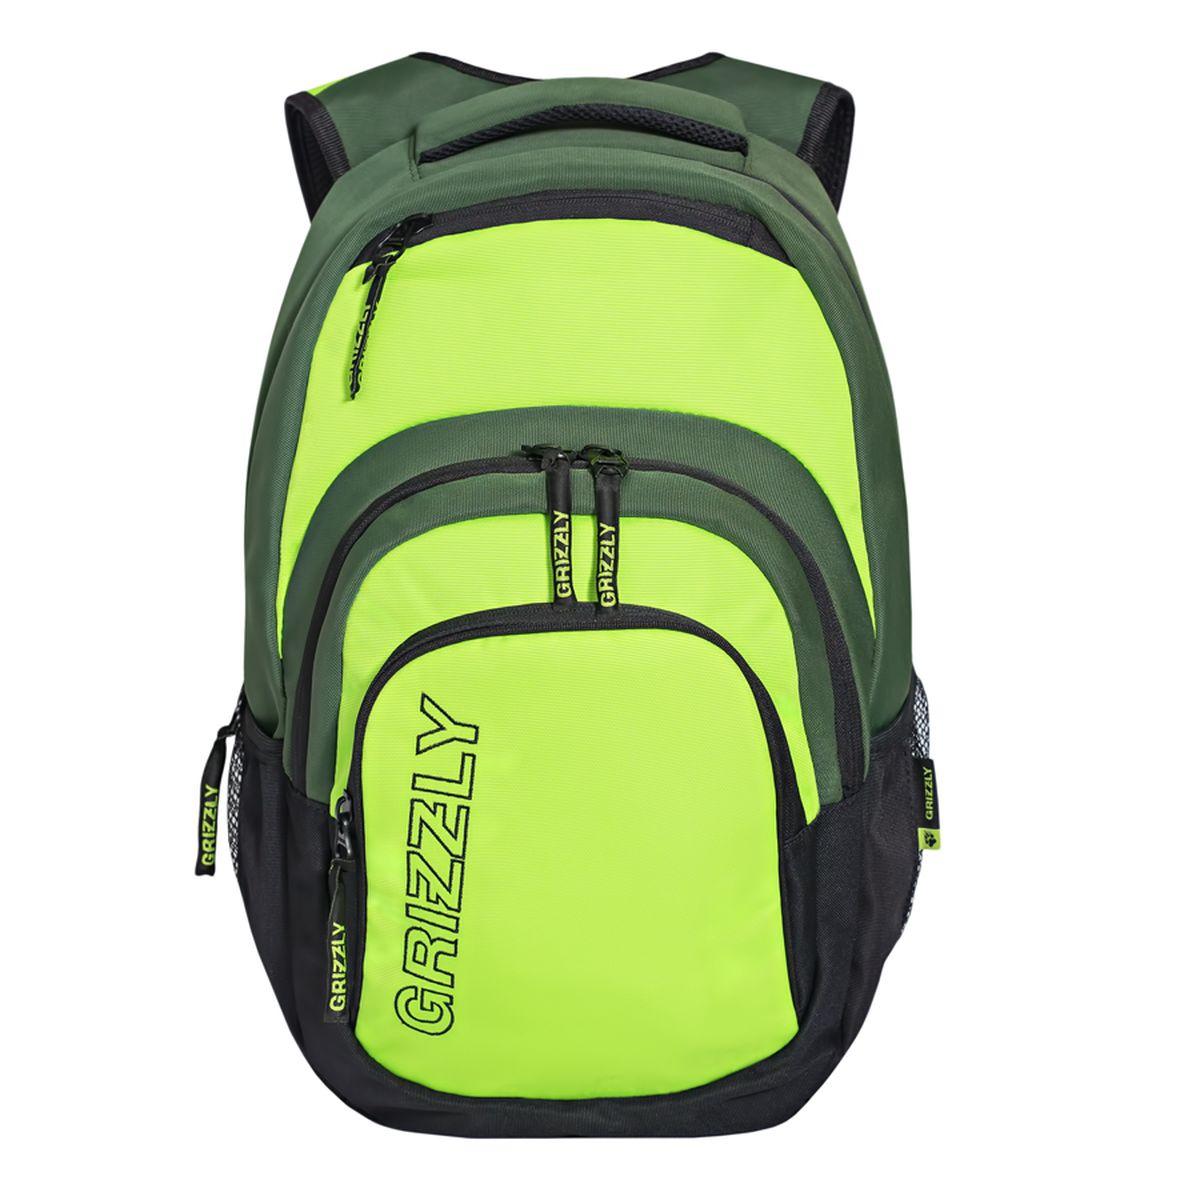 Рюкзак молодежный Grizzly, цвет: черный-салатовый. 32 лRU-704-1/2Рюкзак Grizzly выполнен из высококачественного таслана иоформлен фирменной вышивкой. Изделие имеет одно отделение, карман на молнии на передней стенке, объемный карман на молнии на передней стенке, боковые карманы из сетки и карман быстрого доступа в верхней части. Рюкзак оснащен укрепленной спинкой, мягкой укрепленной ручкой, нагрудной стяжкой-фиксатором и укрепленными лямками. Внутри расположен составной пенал-органайзер иукрепленный карман для ноутбука.